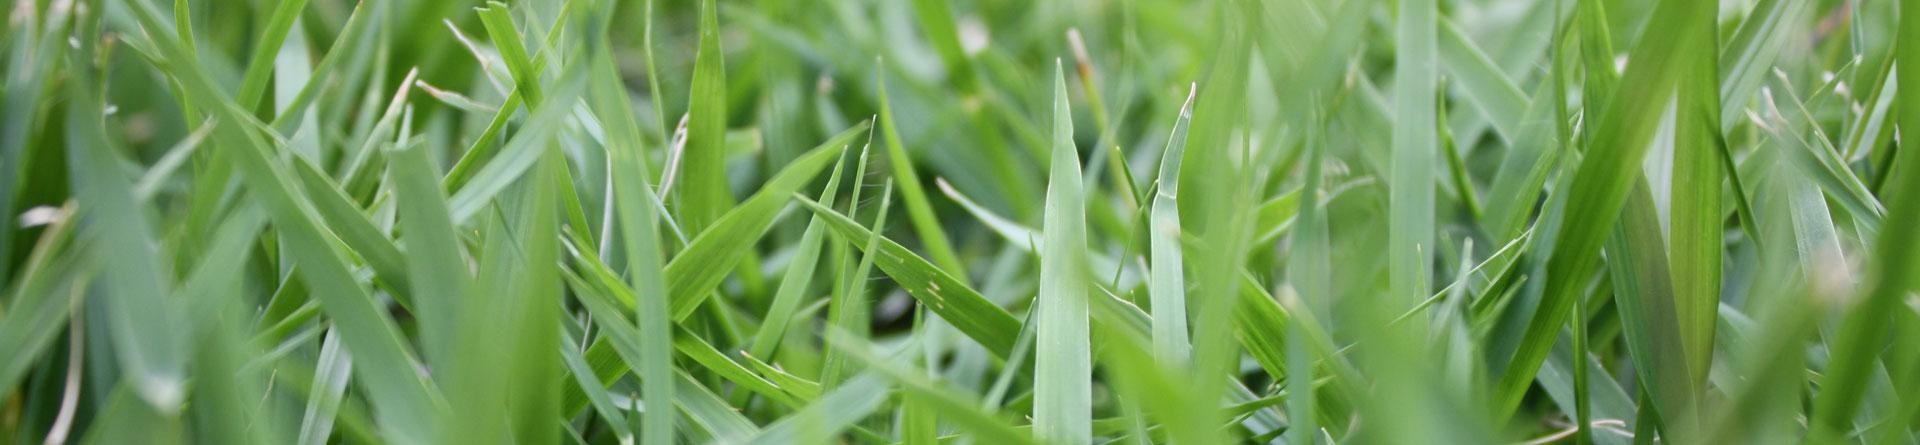 jari blu turf and lawn